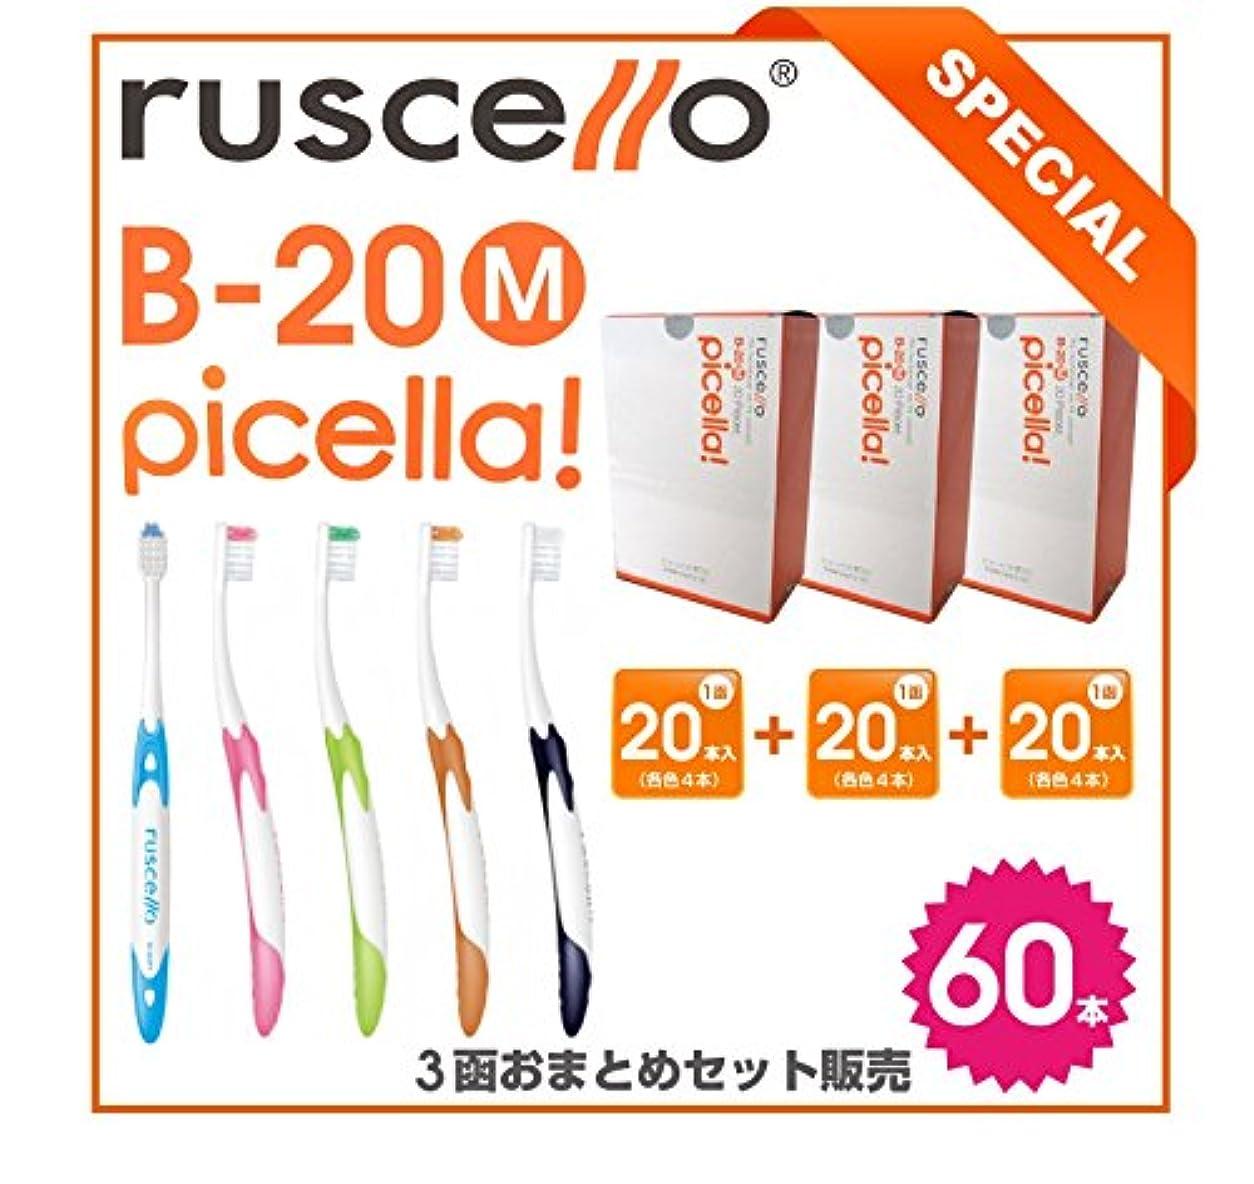 精緻化威するGC ジーシー ルシェロ歯ブラシ<B-20>ピセラ M ふつう 1函20本入×3函セット